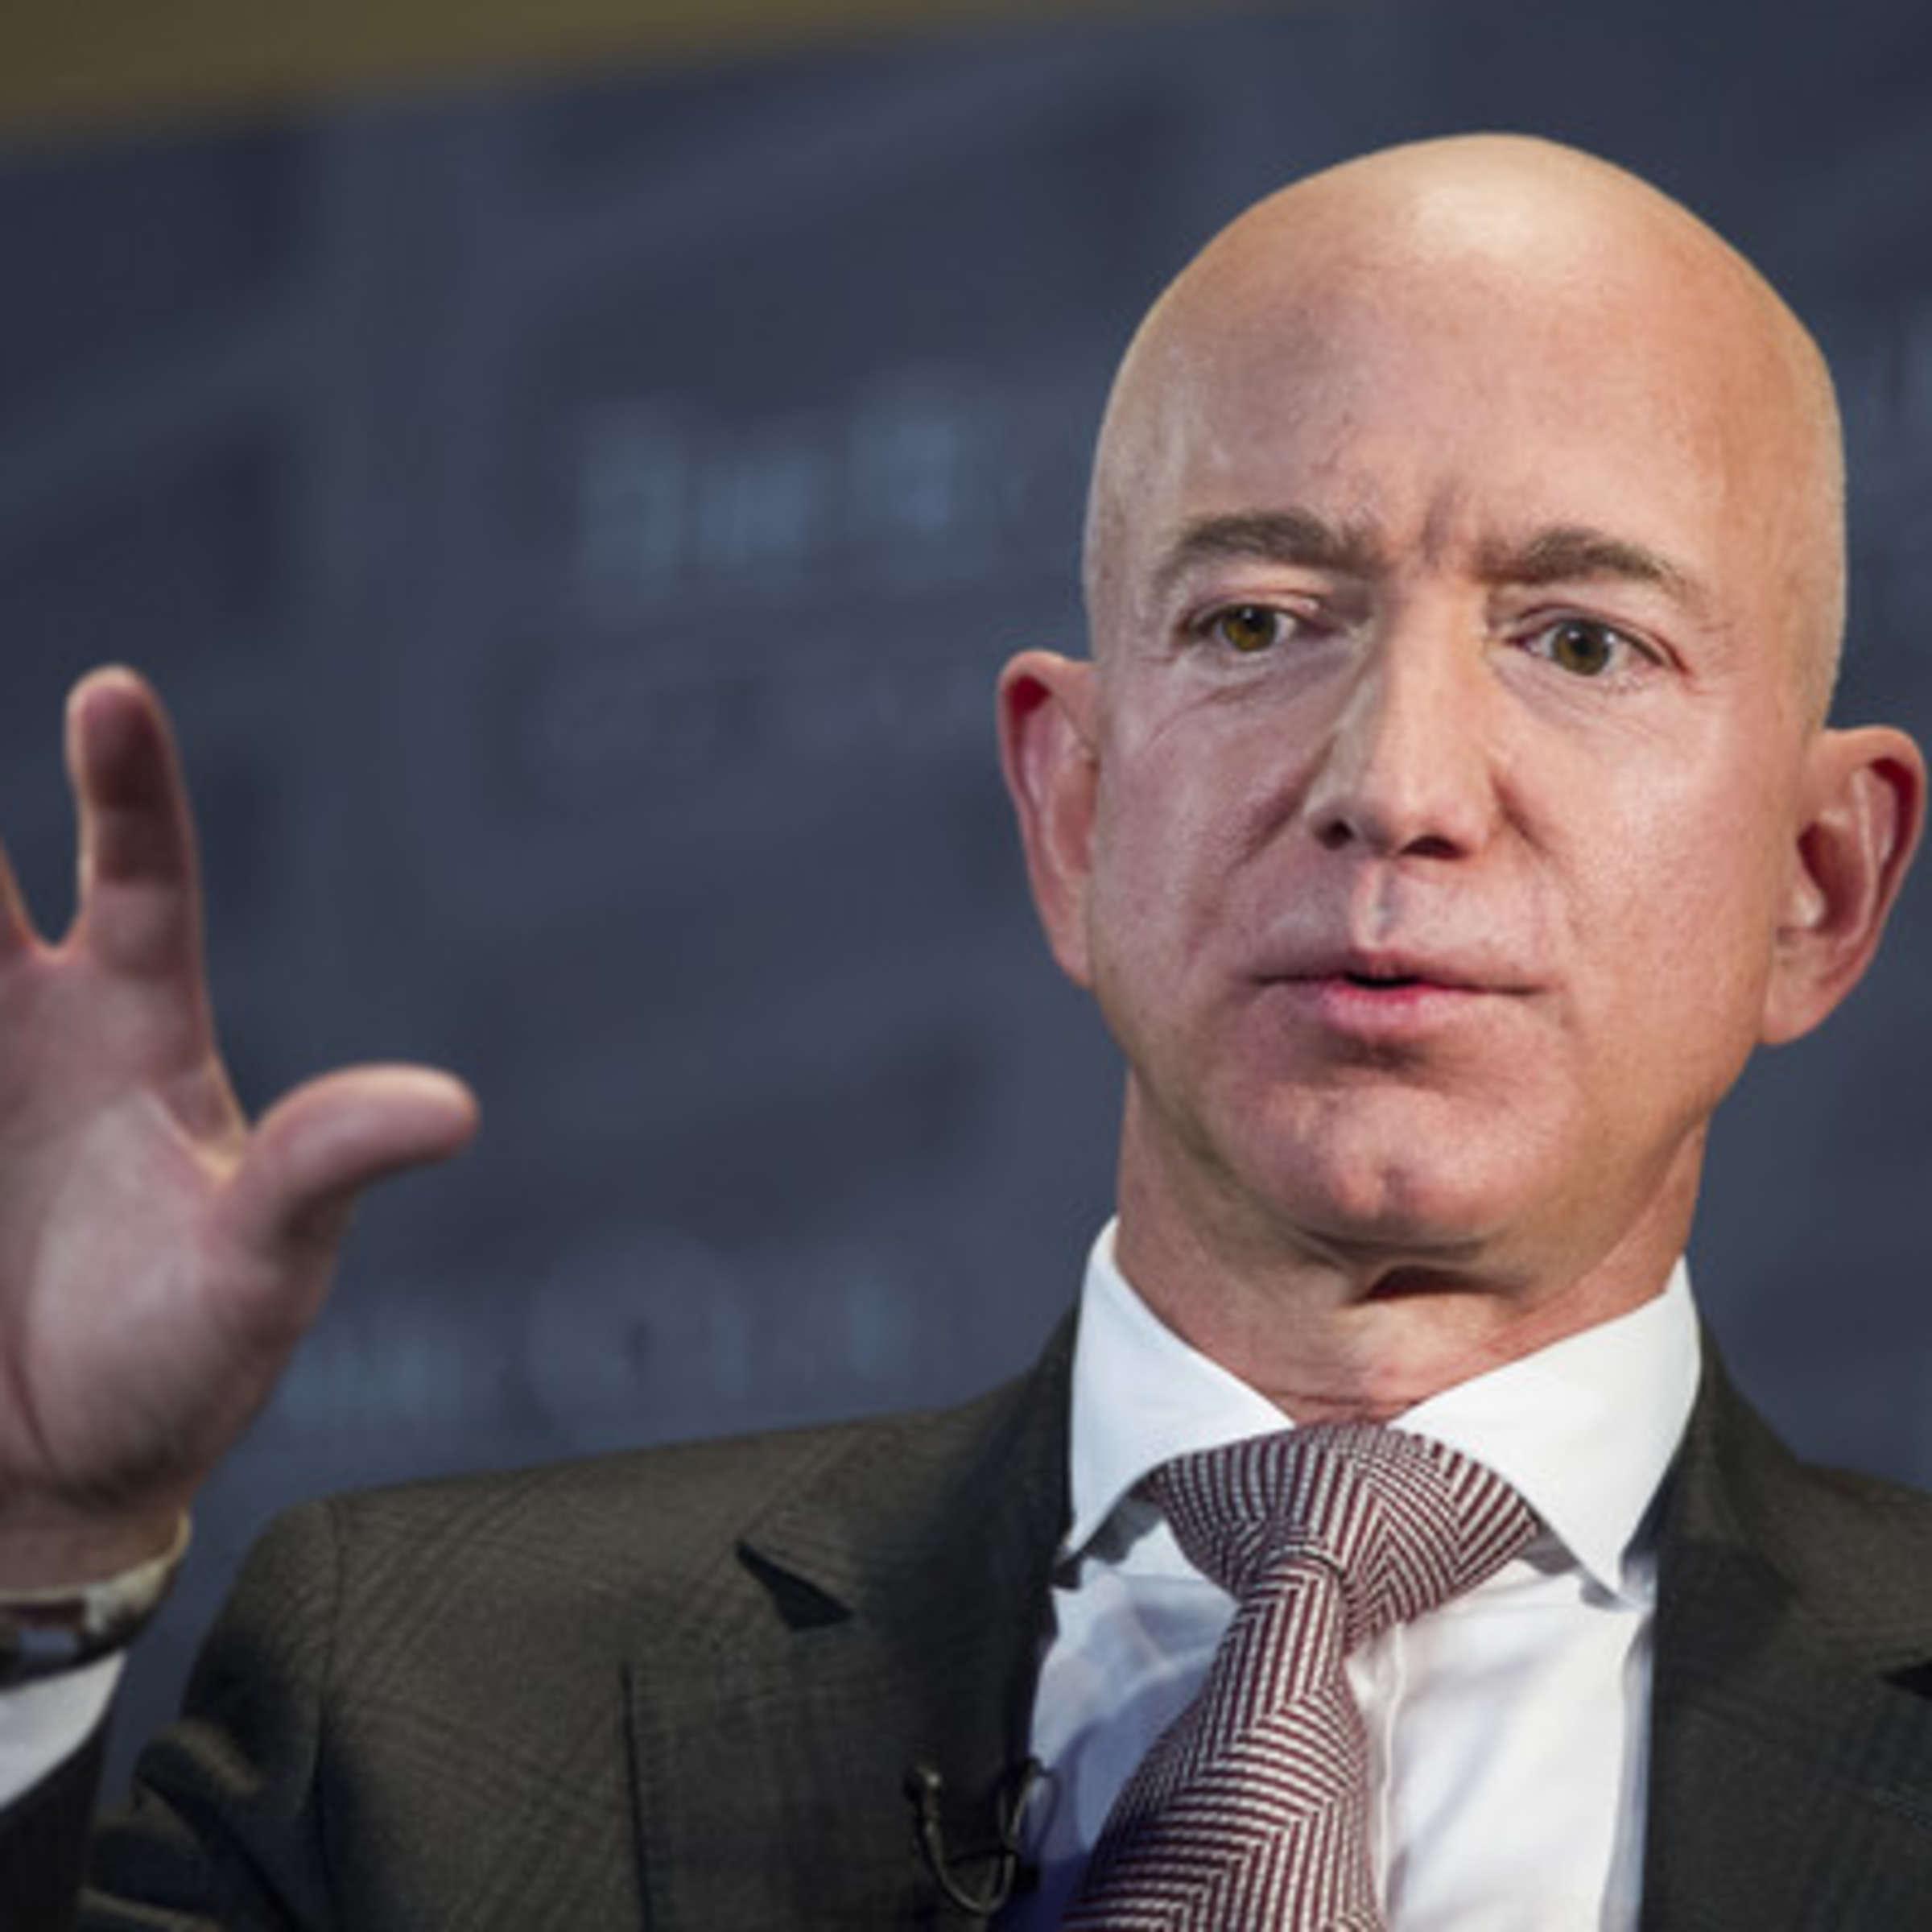 Es Ist Nur Noch Wahnsinn So Viel Geld Macht Jeff Bezos In Nur 15 Minuten Geld